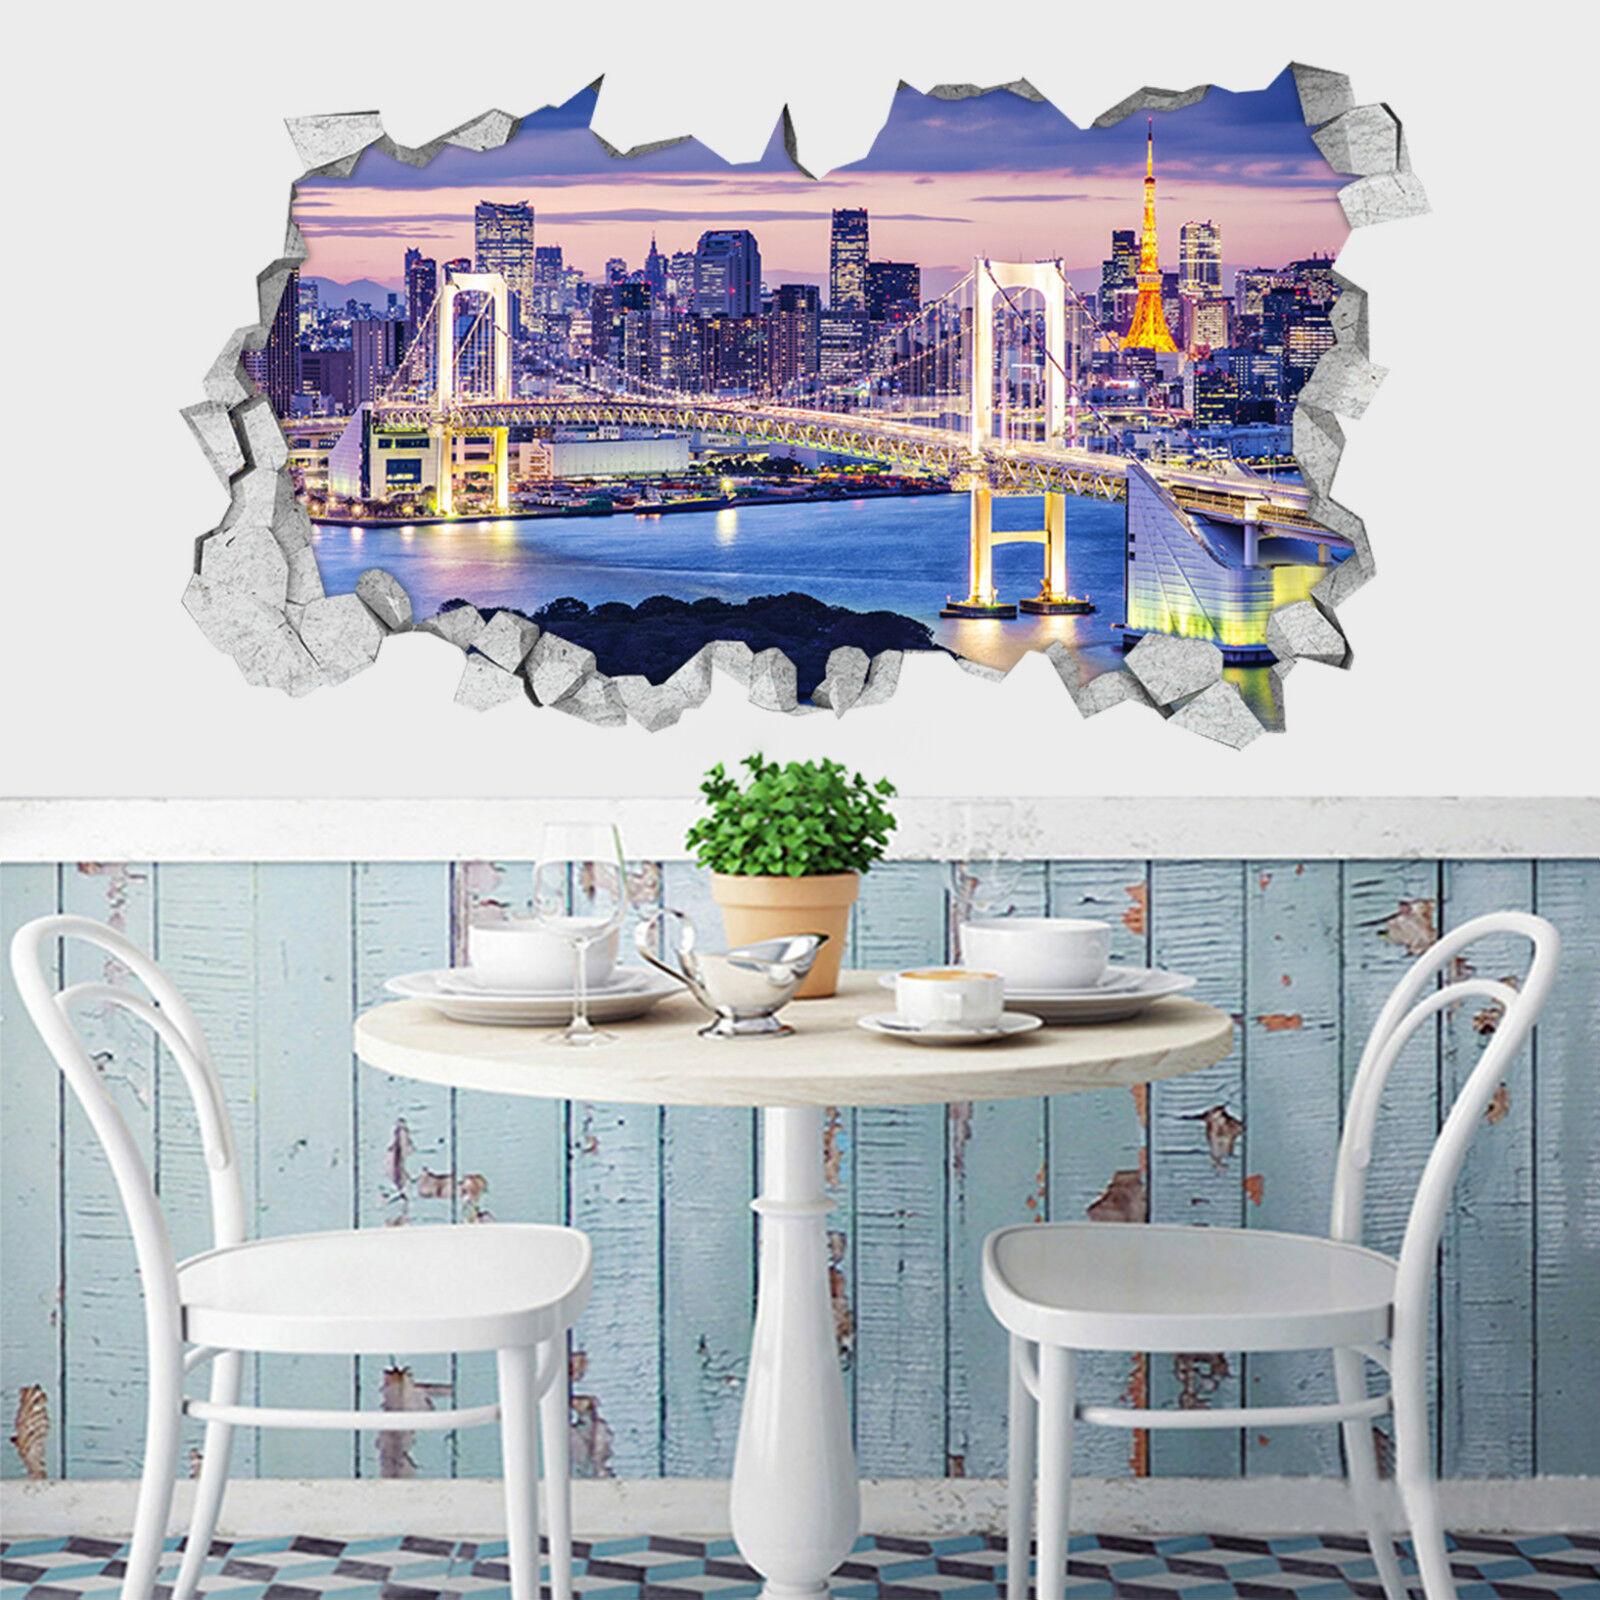 3D City nacht 65 Mauer Murals Aufklebe Decal Durchbruch AJ WALLPAPER DE Lemon